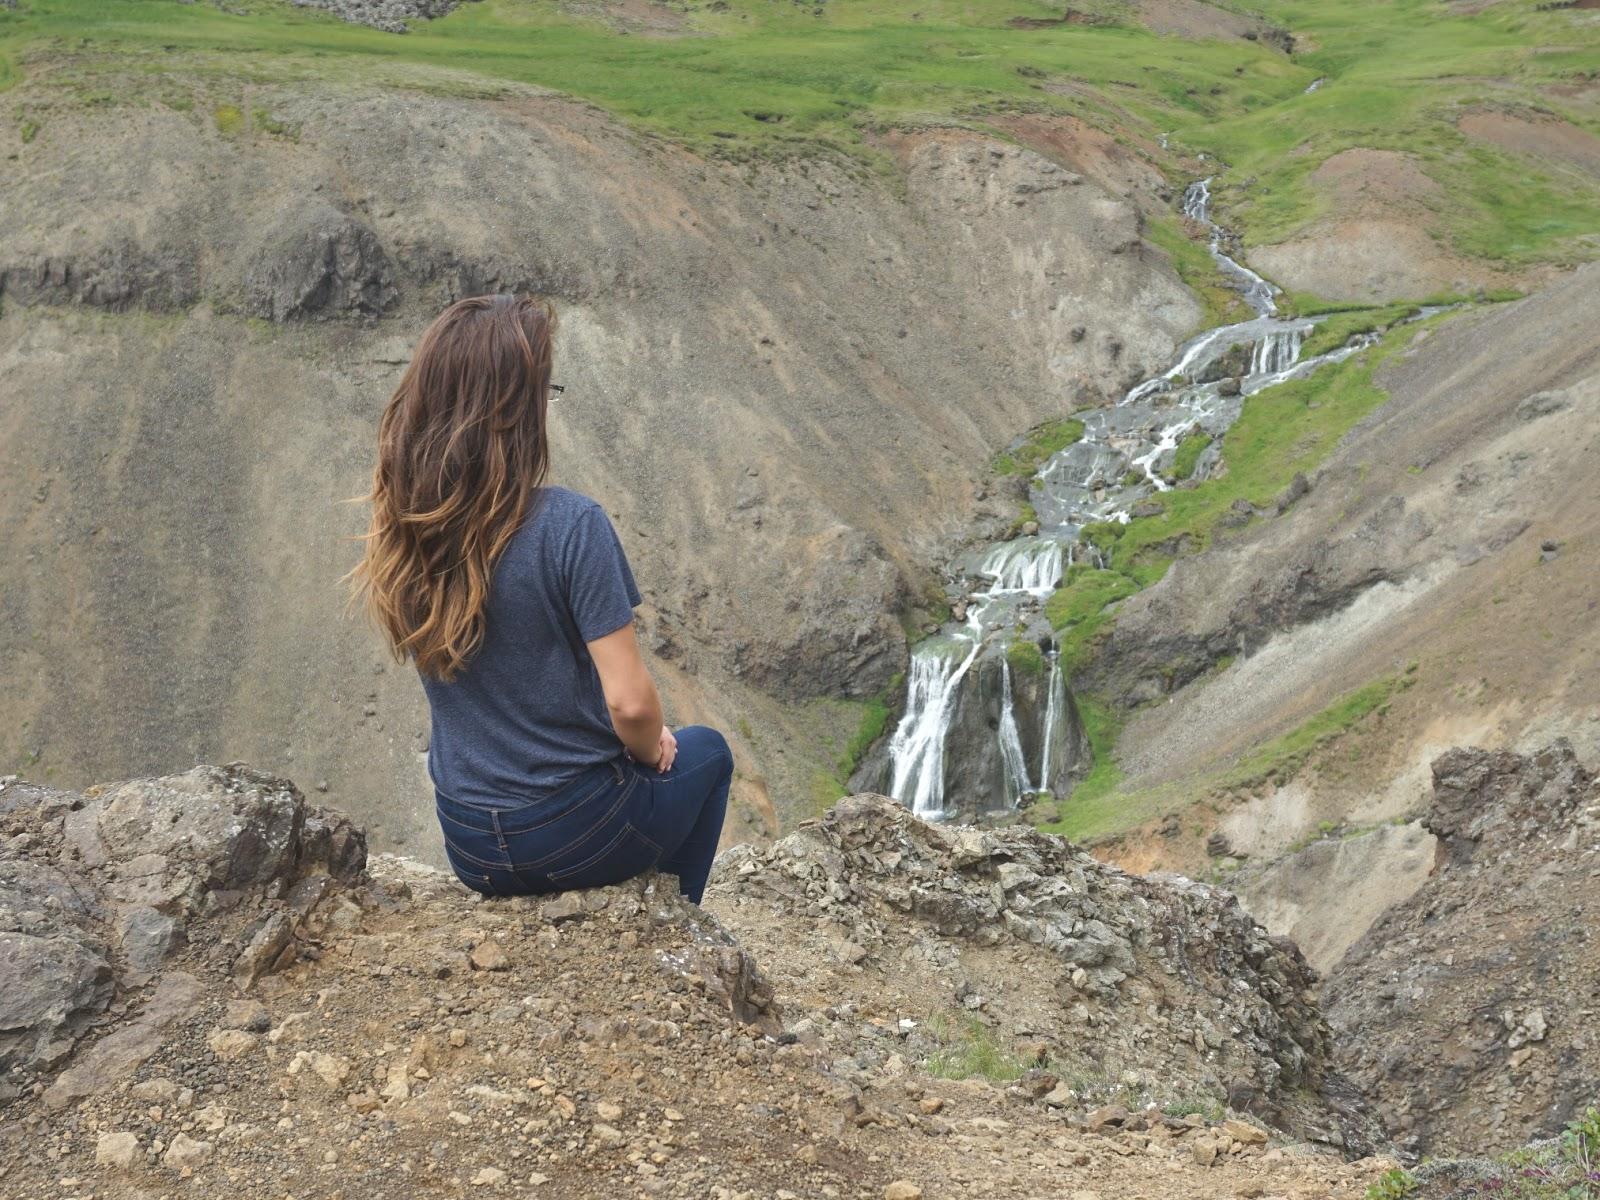 wodospad, Reykjadalur, Islandia, Południowa Islandia, panidorcia, blog, blog o Islandii, wakacje w Islandii, Islandia zwiedzanie, gorące źródła, pola geotermalne